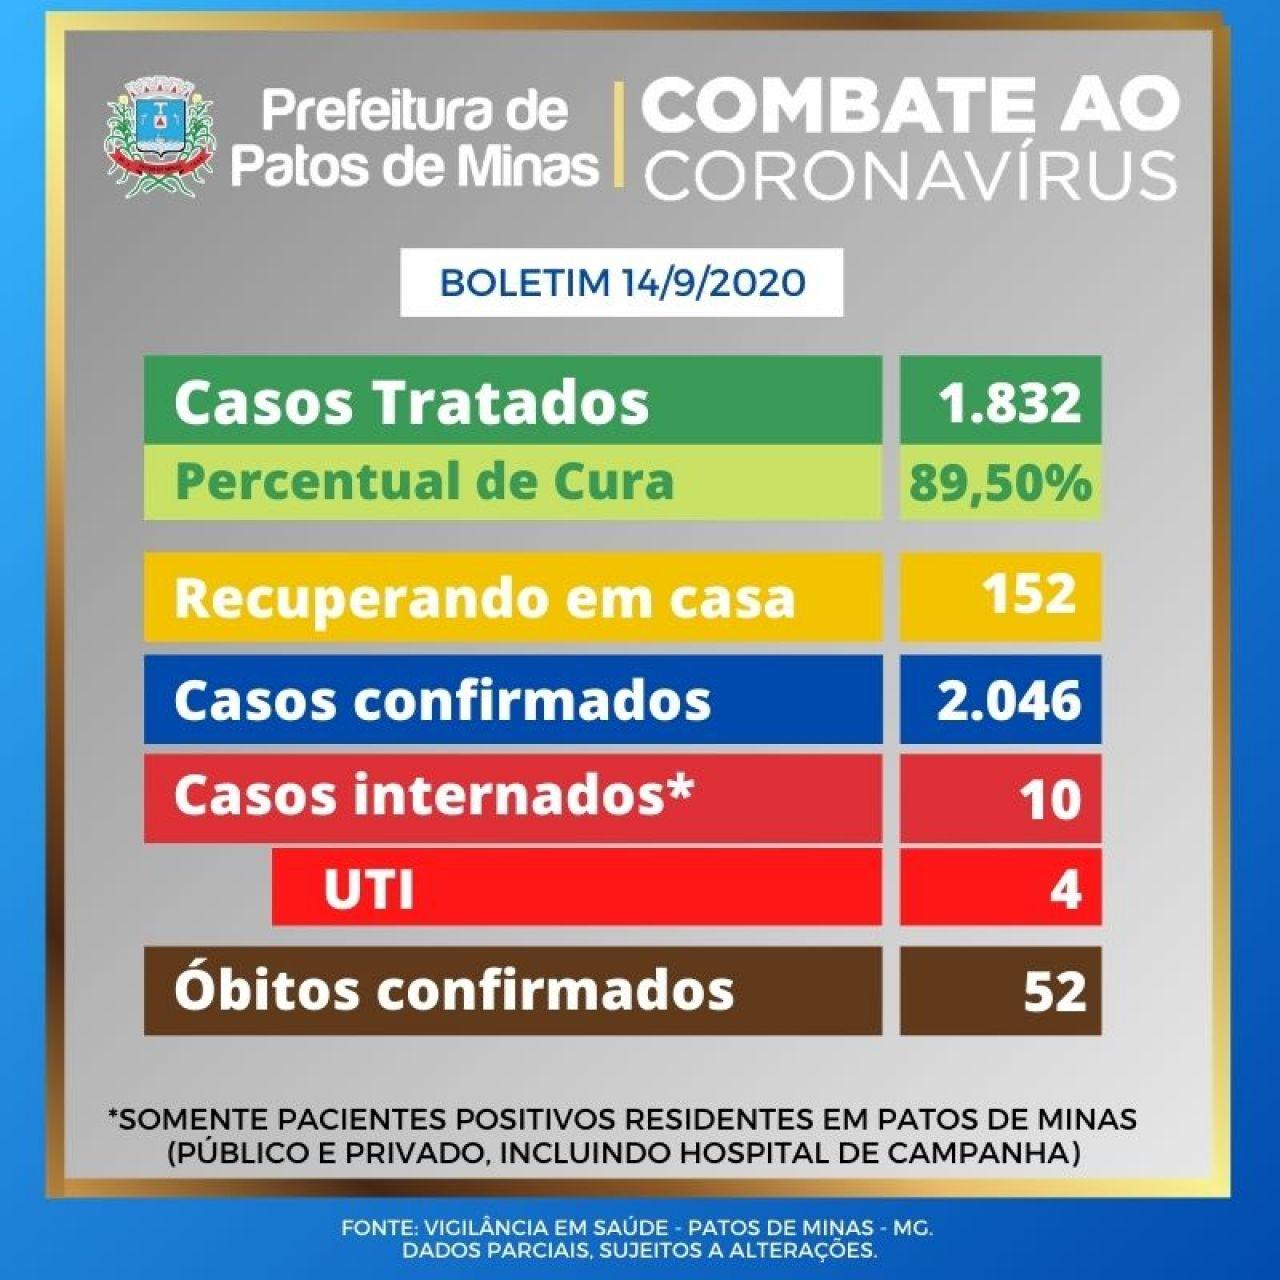 Covid-19: Patos de Minas tem 2.046 casos confirmados e 89,50% de taxa de cura